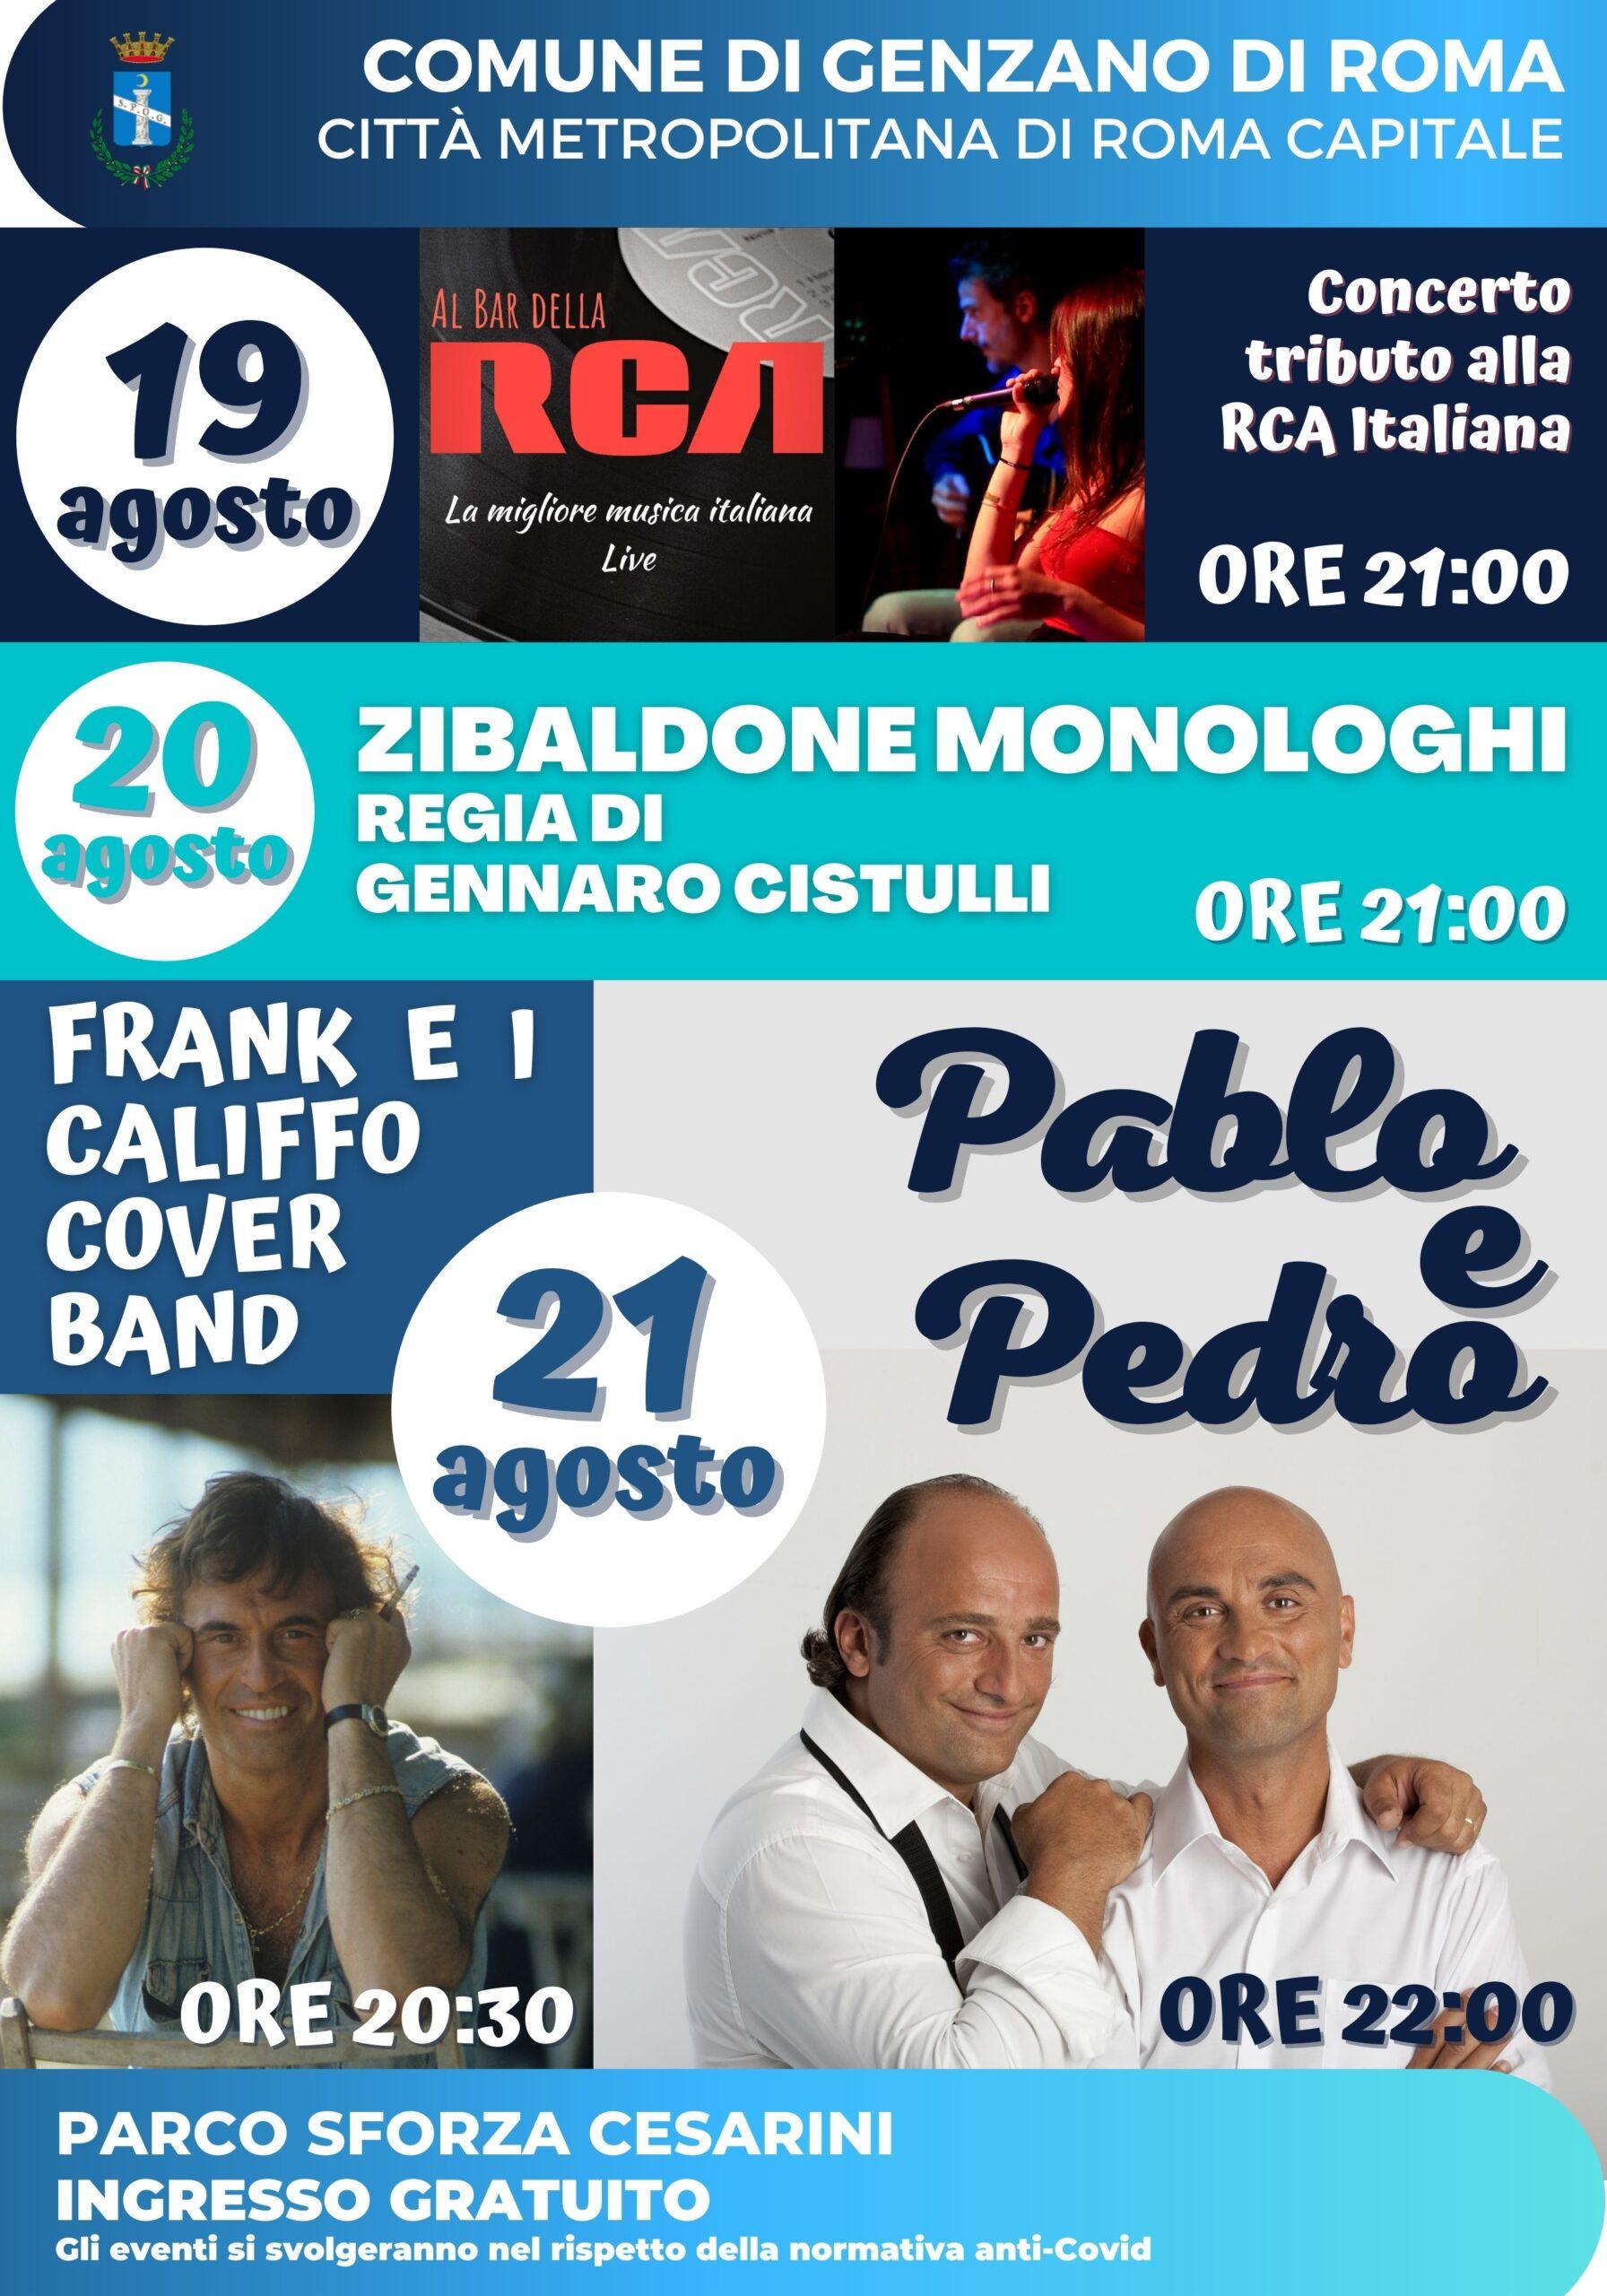 Genzano, un altro weekend di divertimento al Parco Sforza Cesarini, dal 19 al 21 agosto